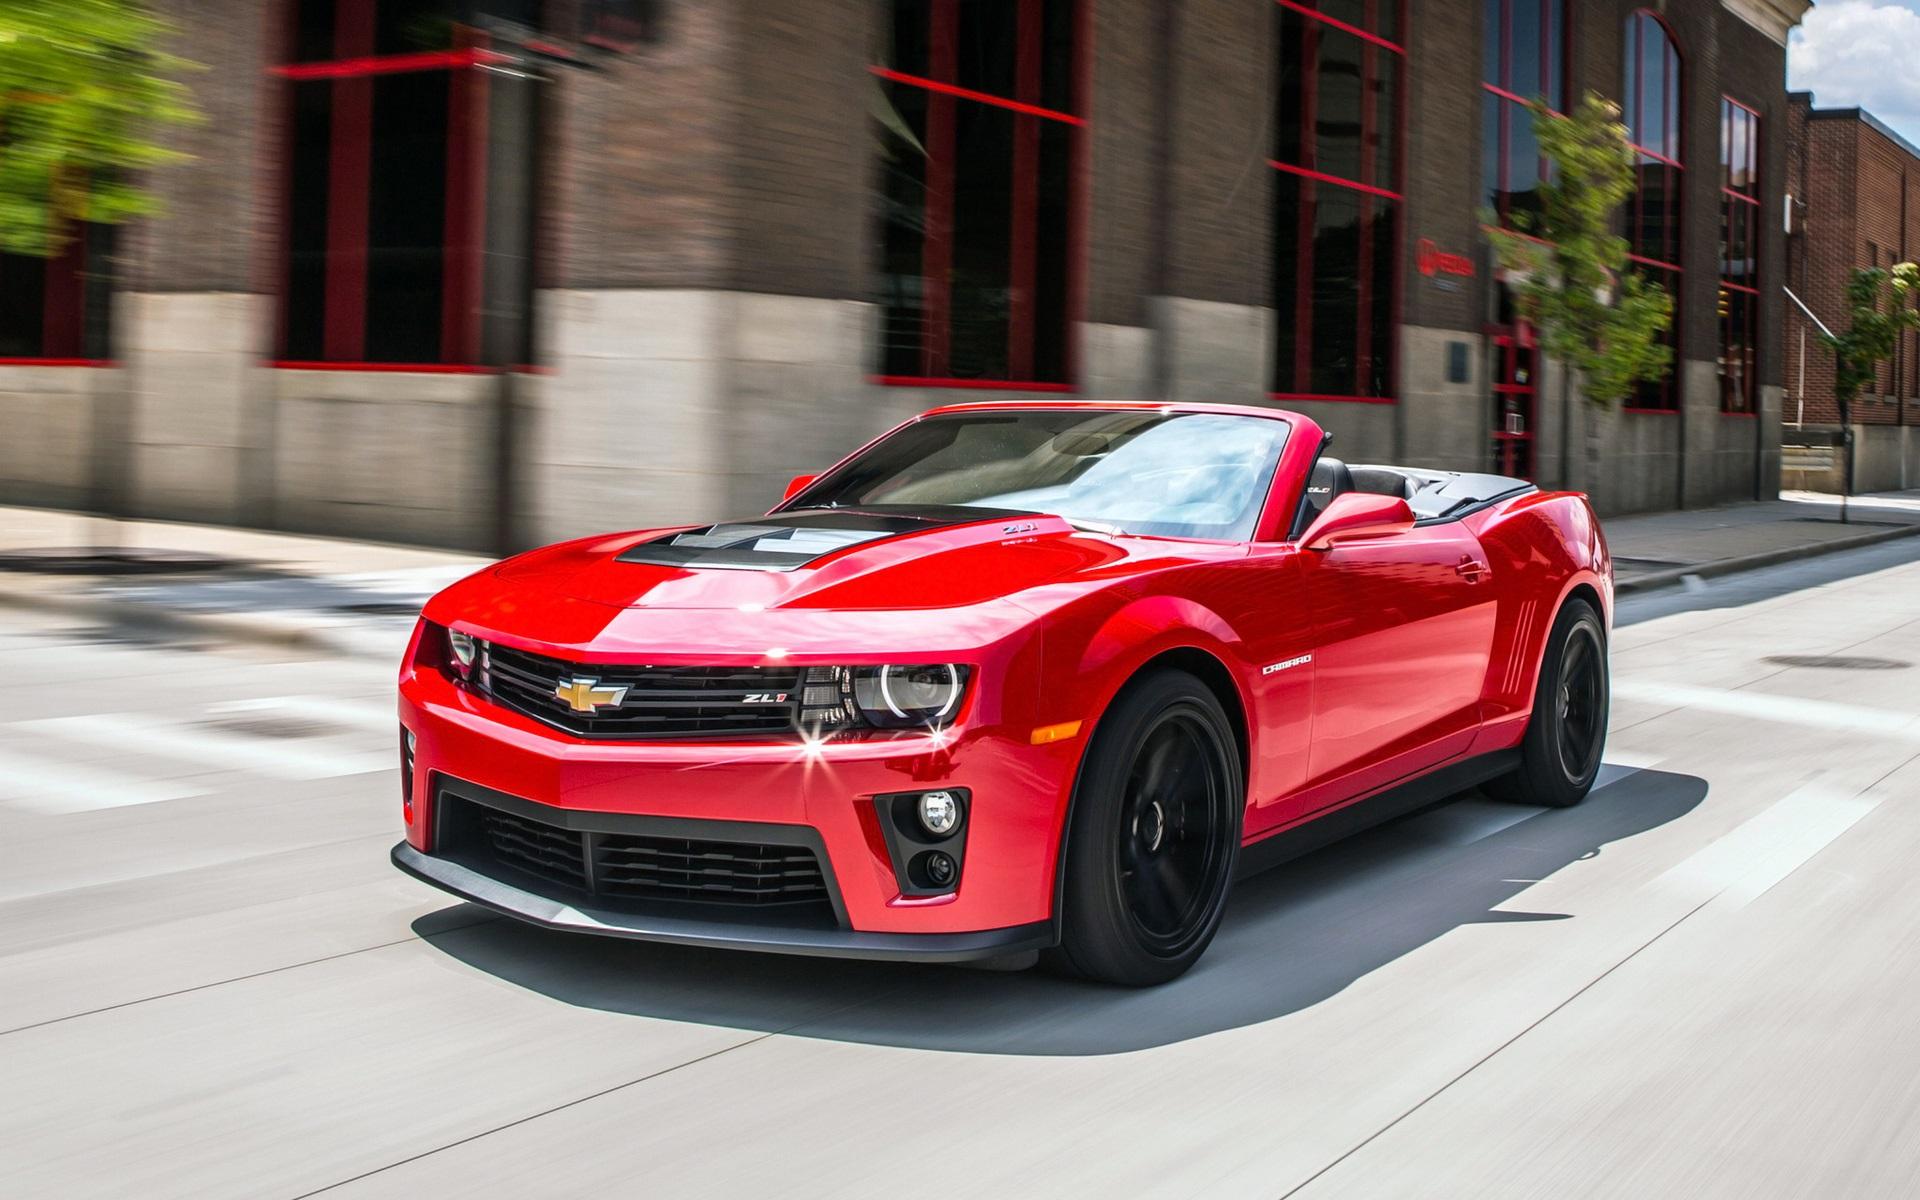 красный спортивный автомобиль chevrolet camaro red sports car бесплатно